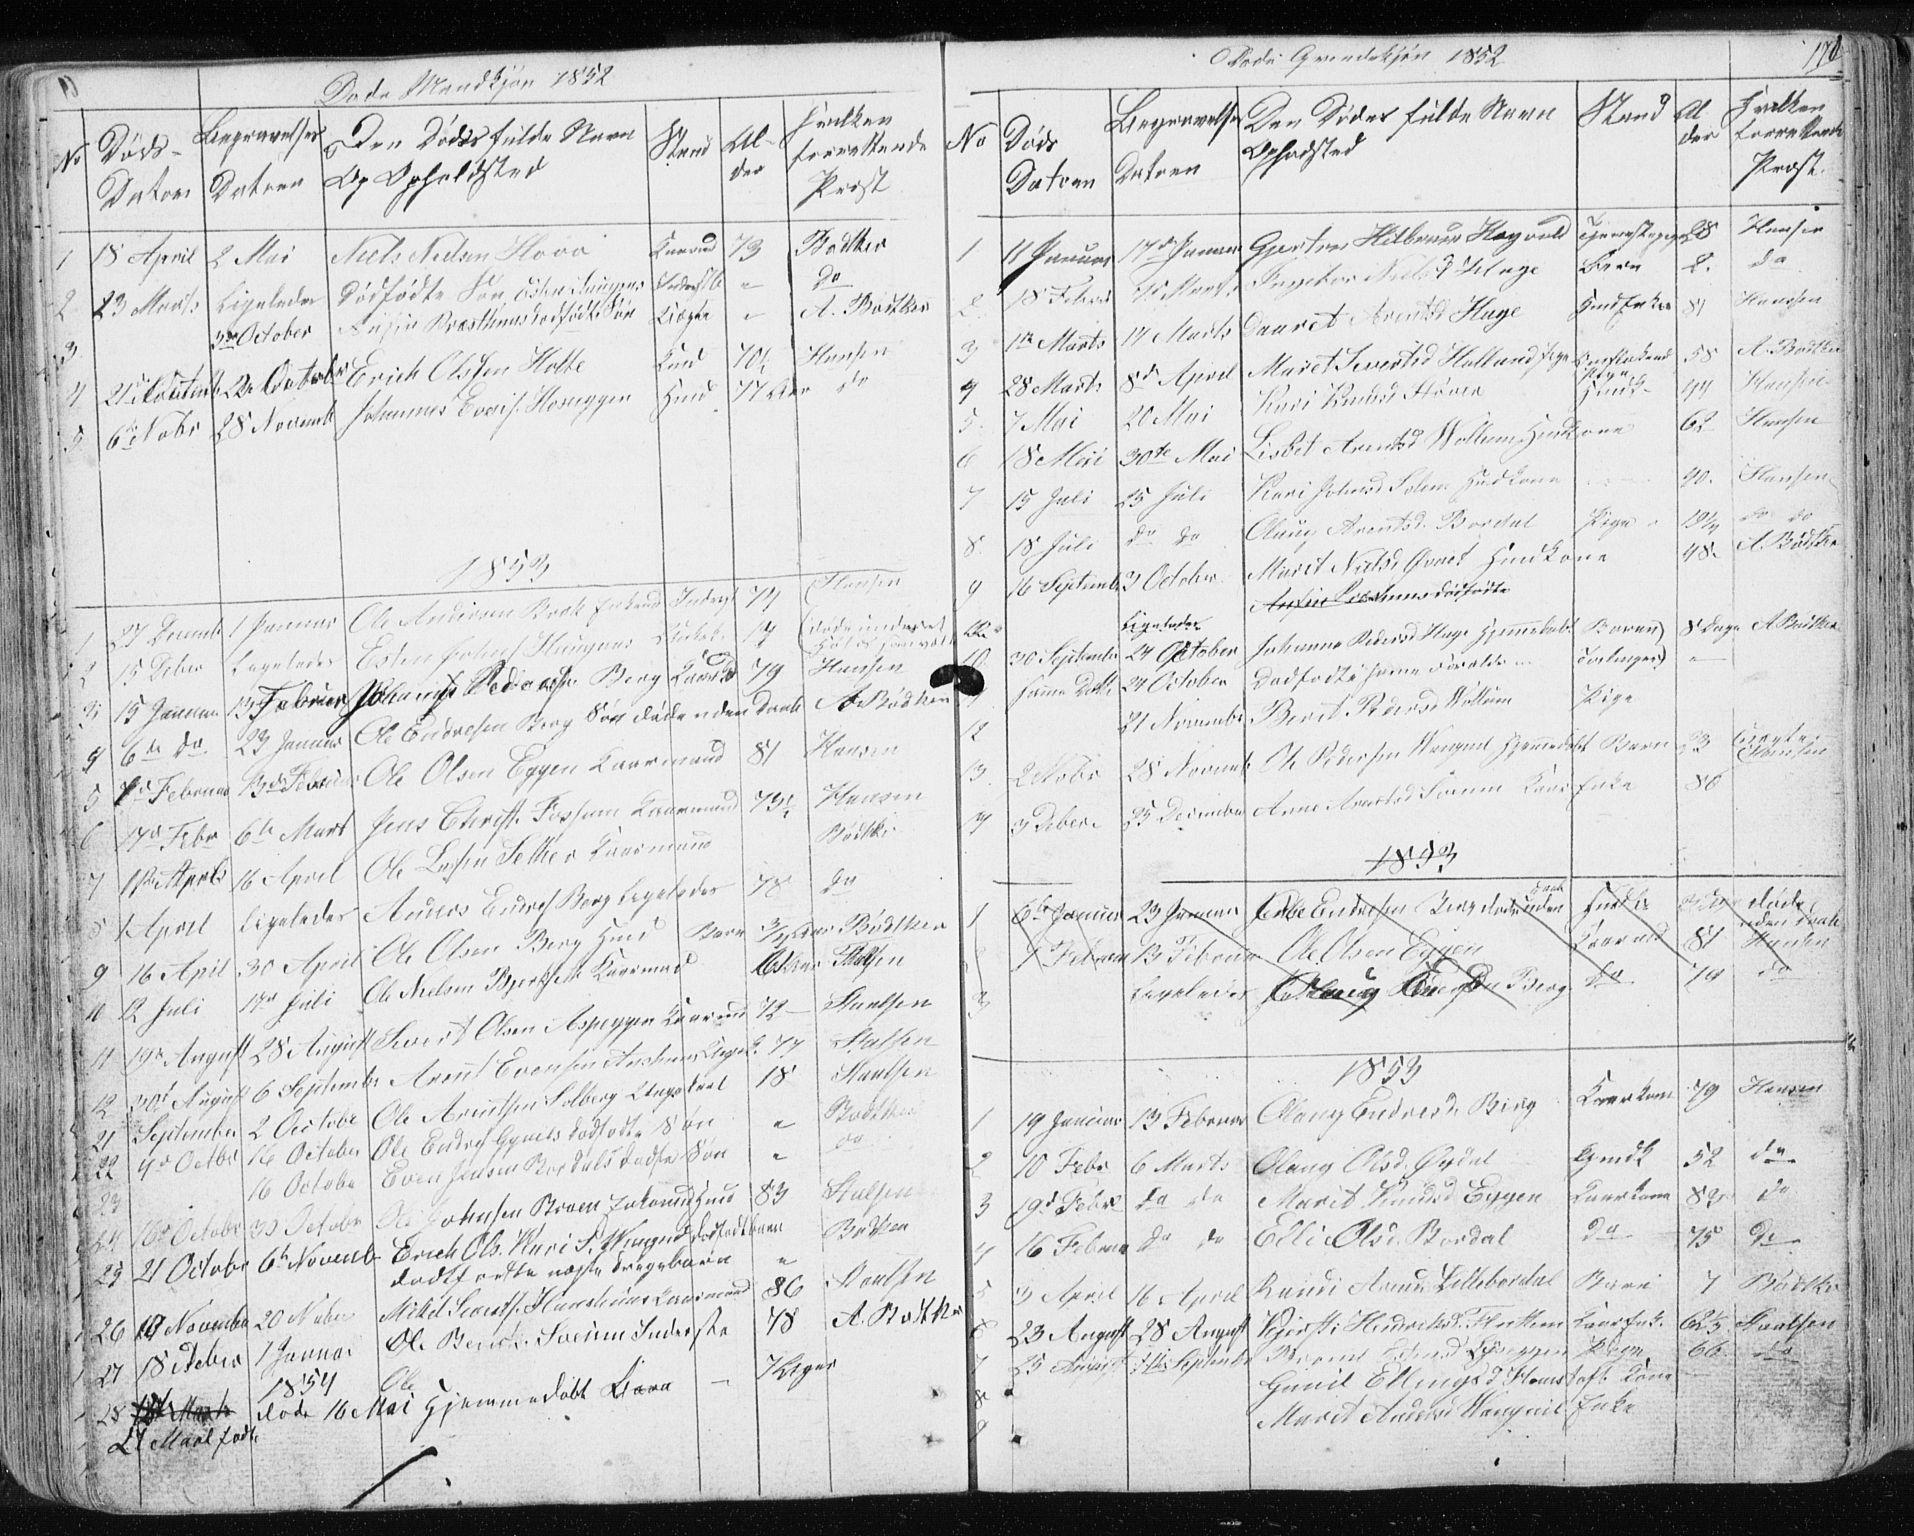 SAT, Ministerialprotokoller, klokkerbøker og fødselsregistre - Sør-Trøndelag, 689/L1043: Klokkerbok nr. 689C02, 1816-1892, s. 170